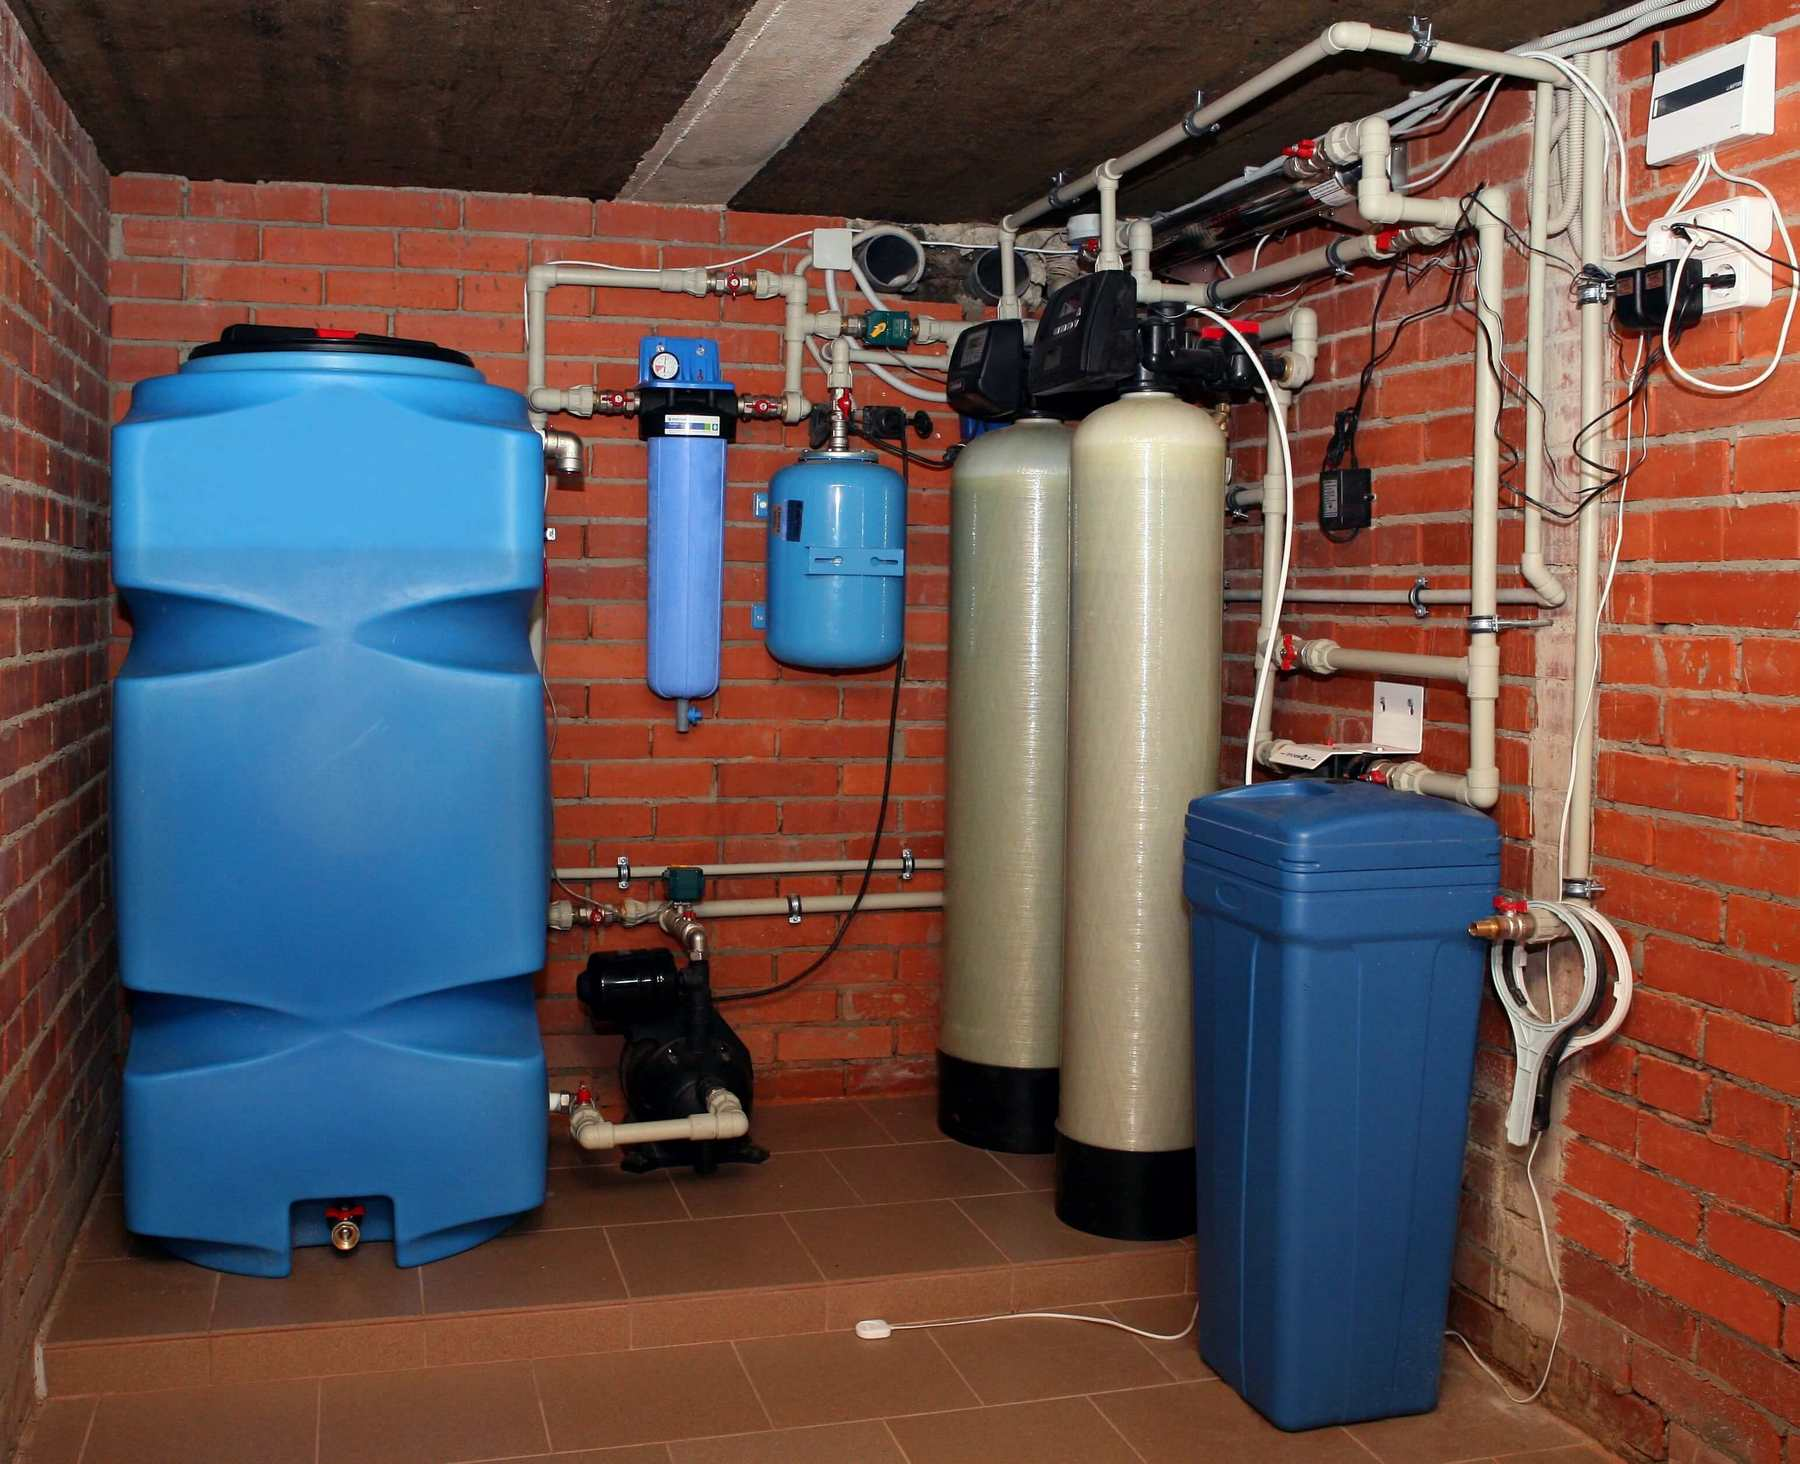 Очистка воды из скважины от железа: методы очистки, фильтры